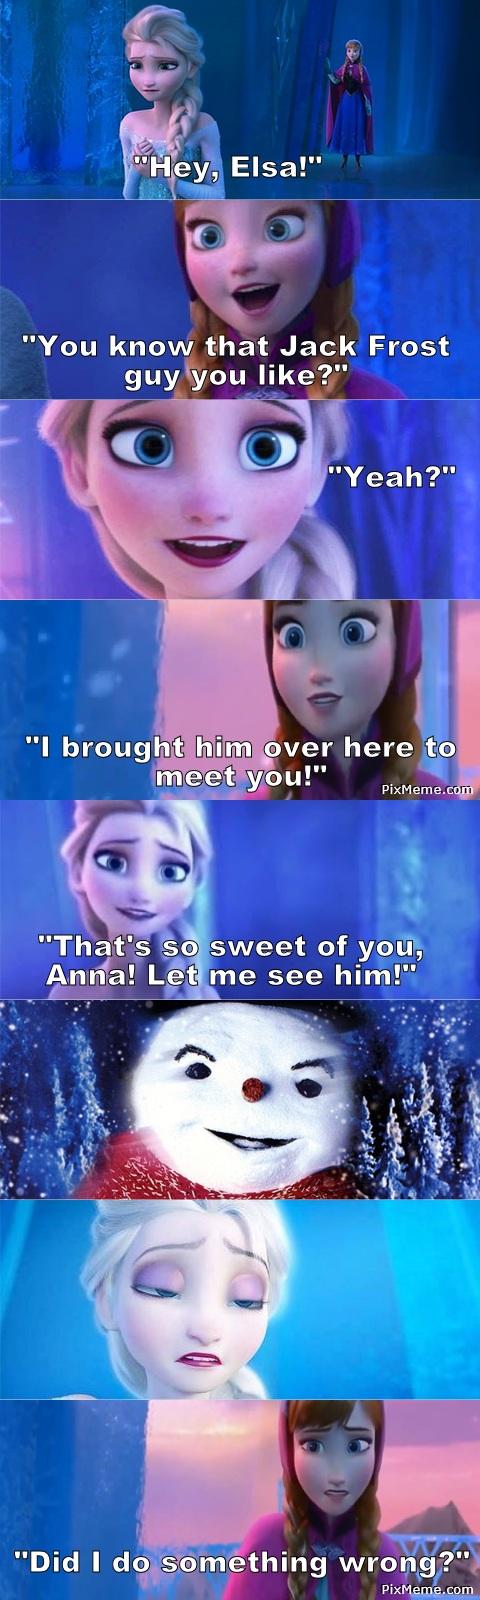 Elsa Meets Jack Frost